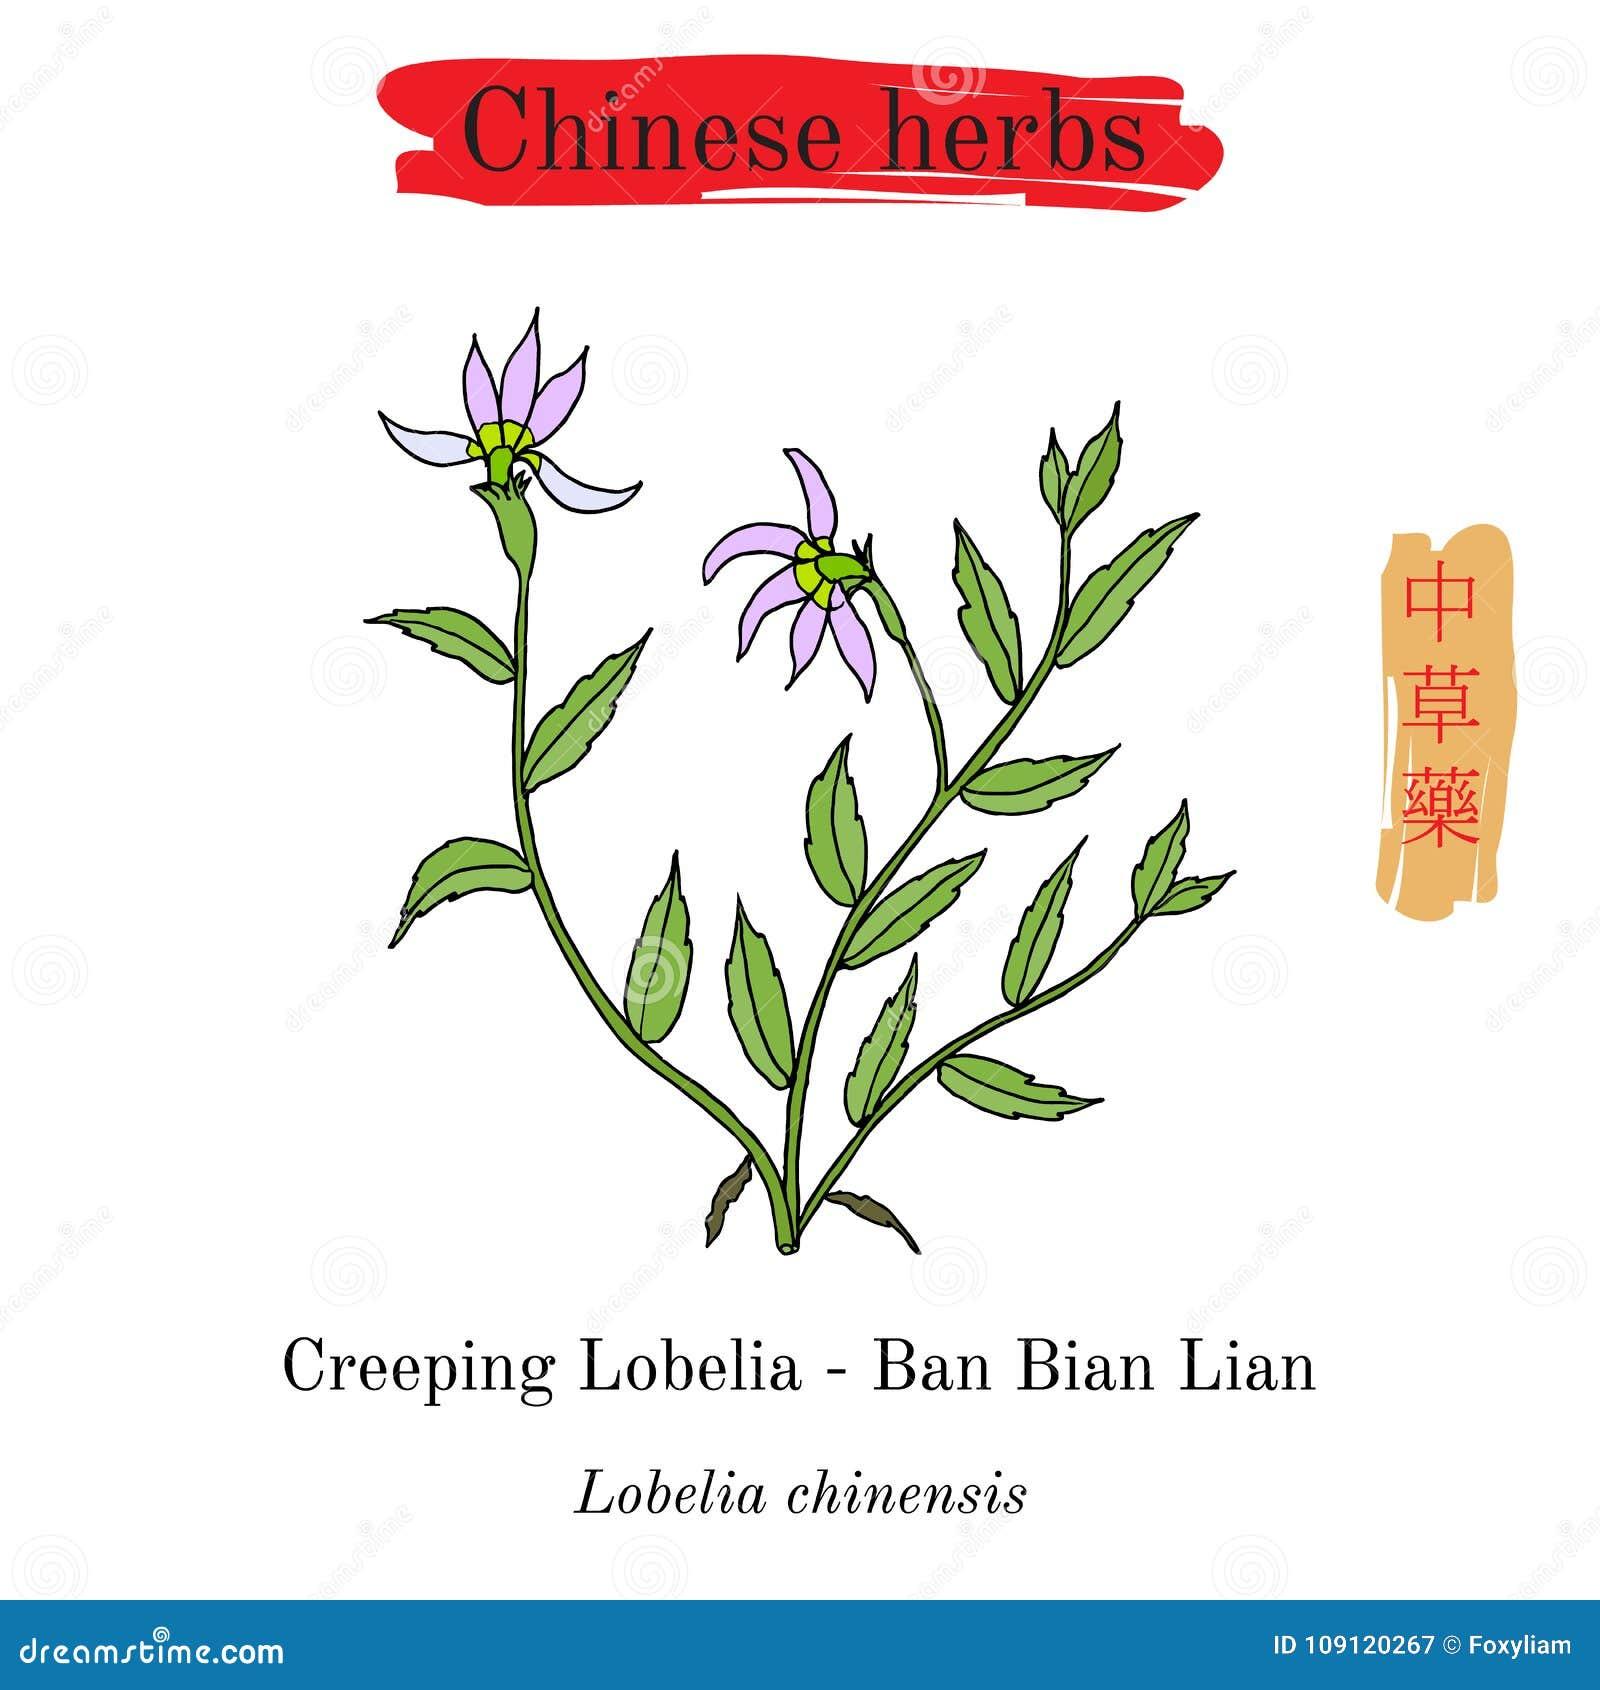 Medicinal Herbs Of China Lobelia Chinensis Stock Vector